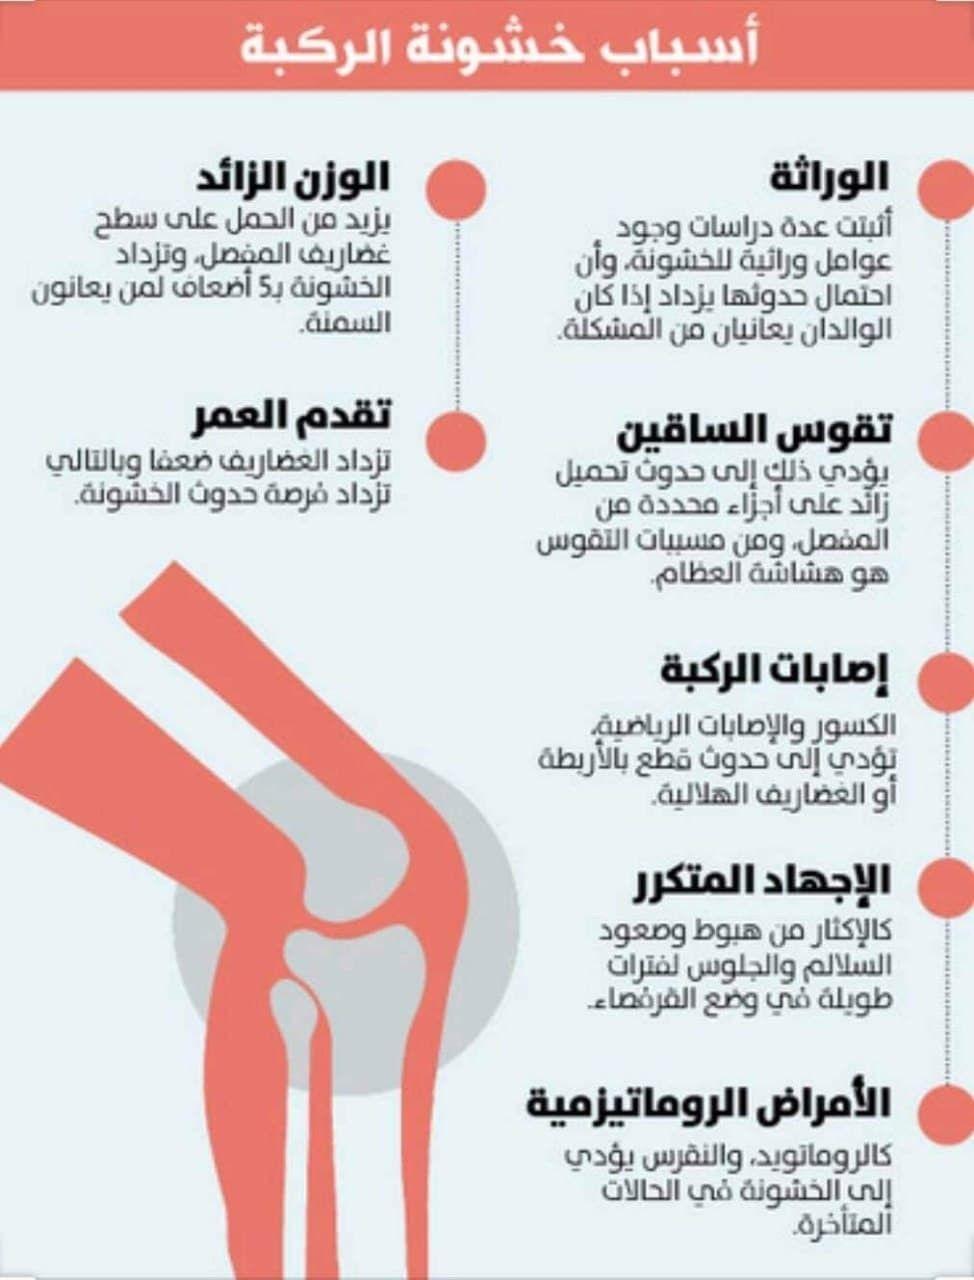 Pin By Emad Fouad On صحة و عافية In 2021 Scraper Spatula Scraper Utensil